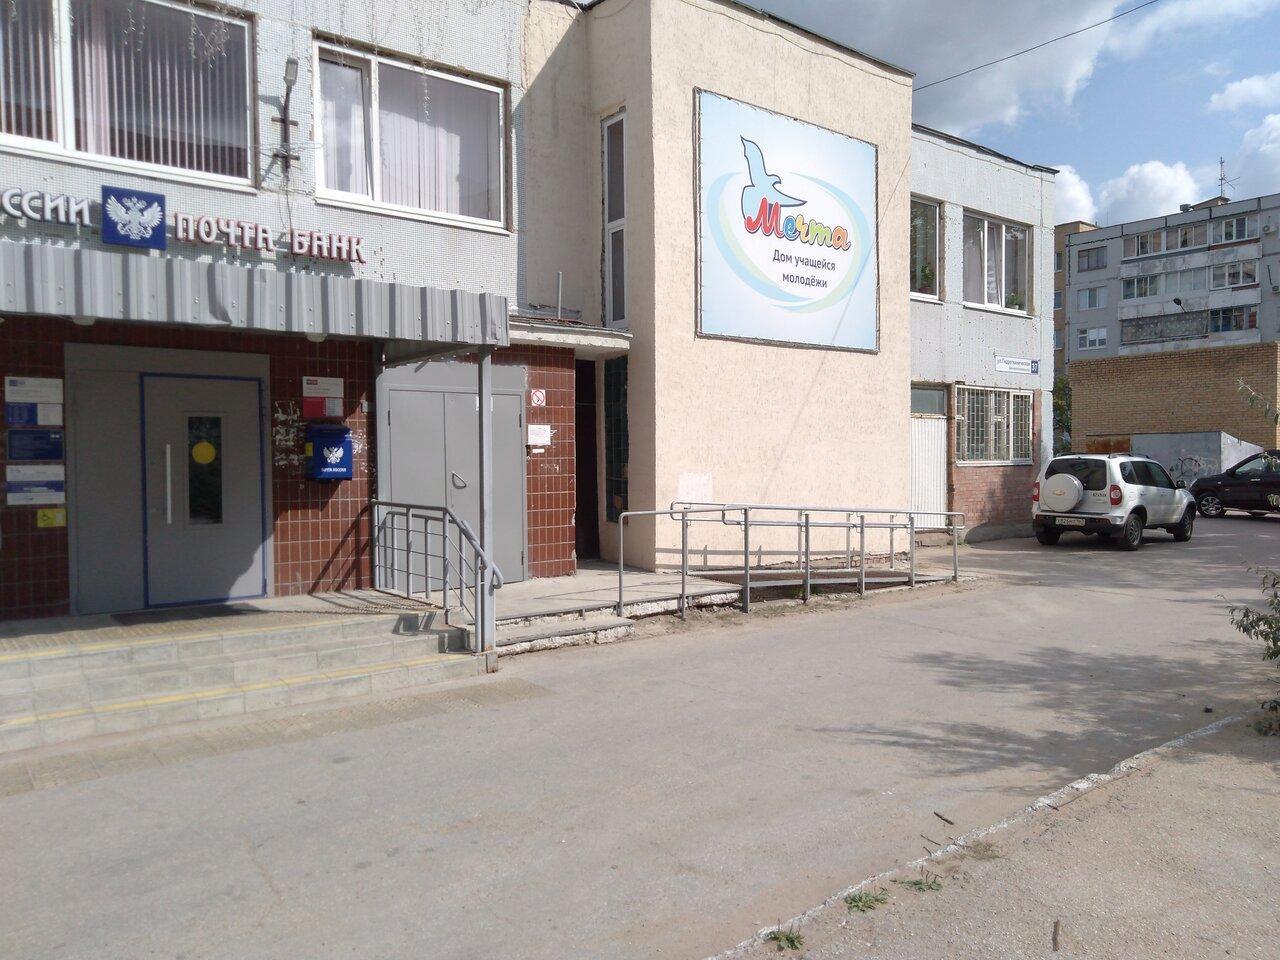 печать фотографий тольятти комсомольский район сегодня